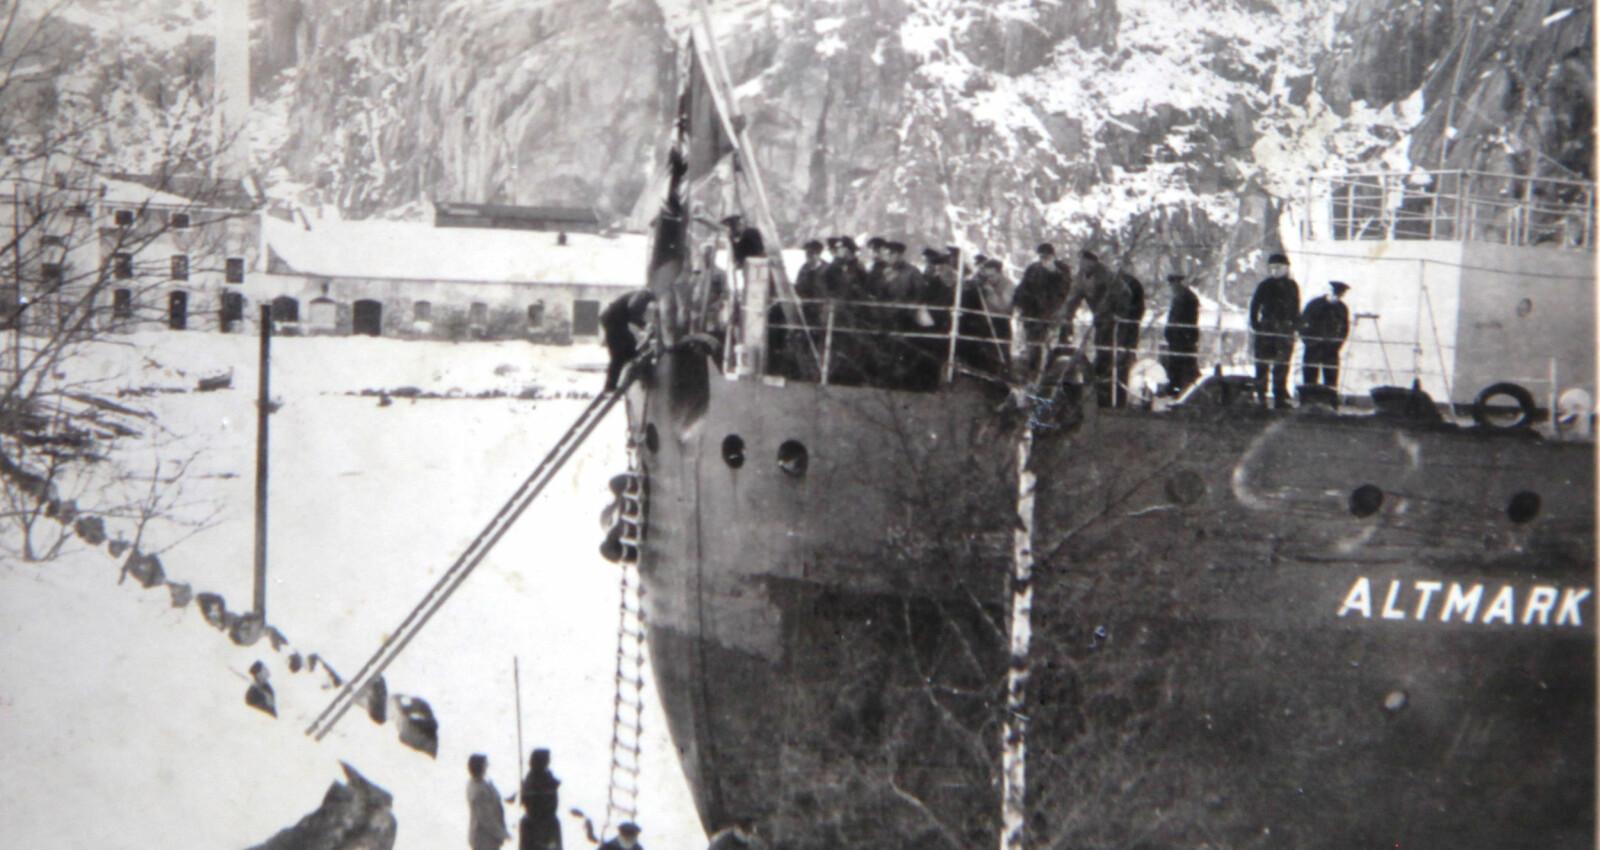 <b>M</b>annskapet ombord gjør klart til å fire i land kistene med de sju drepte sjøfolkene.